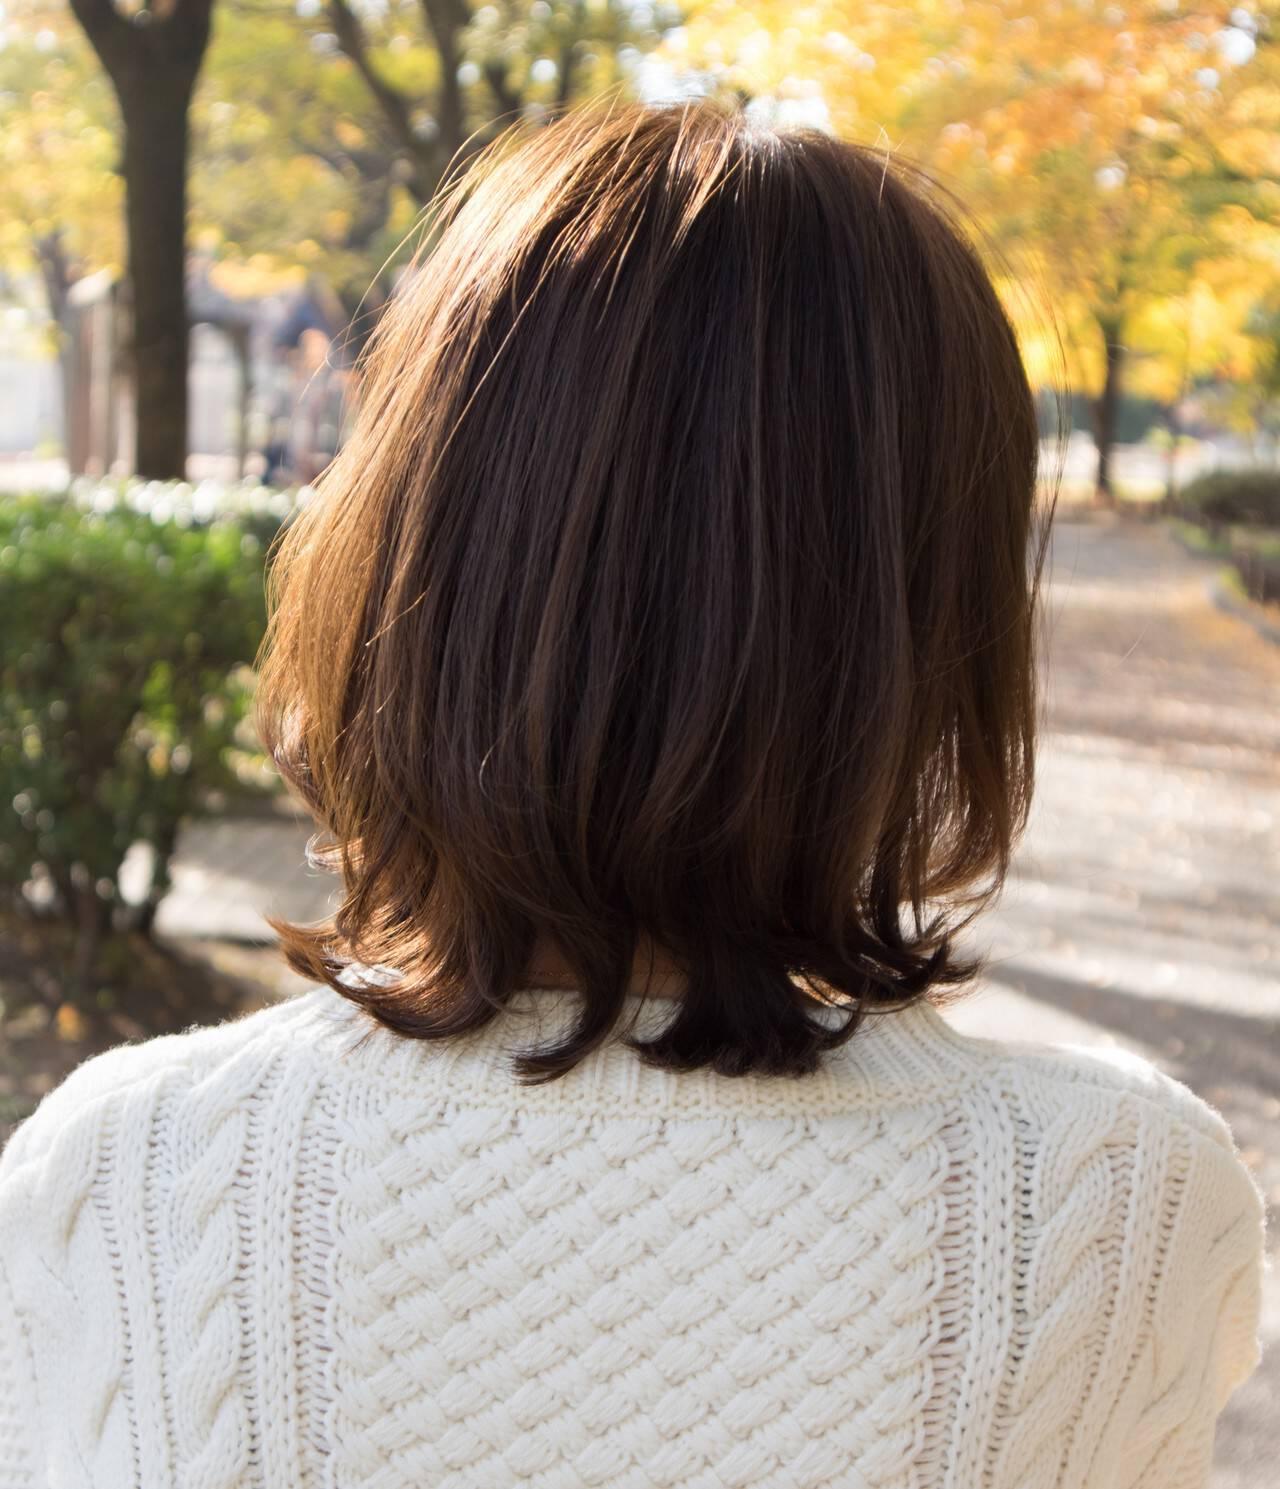 レイヤースタイル ひし形シルエット レイヤーボブ ナチュラルヘアスタイルや髪型の写真・画像